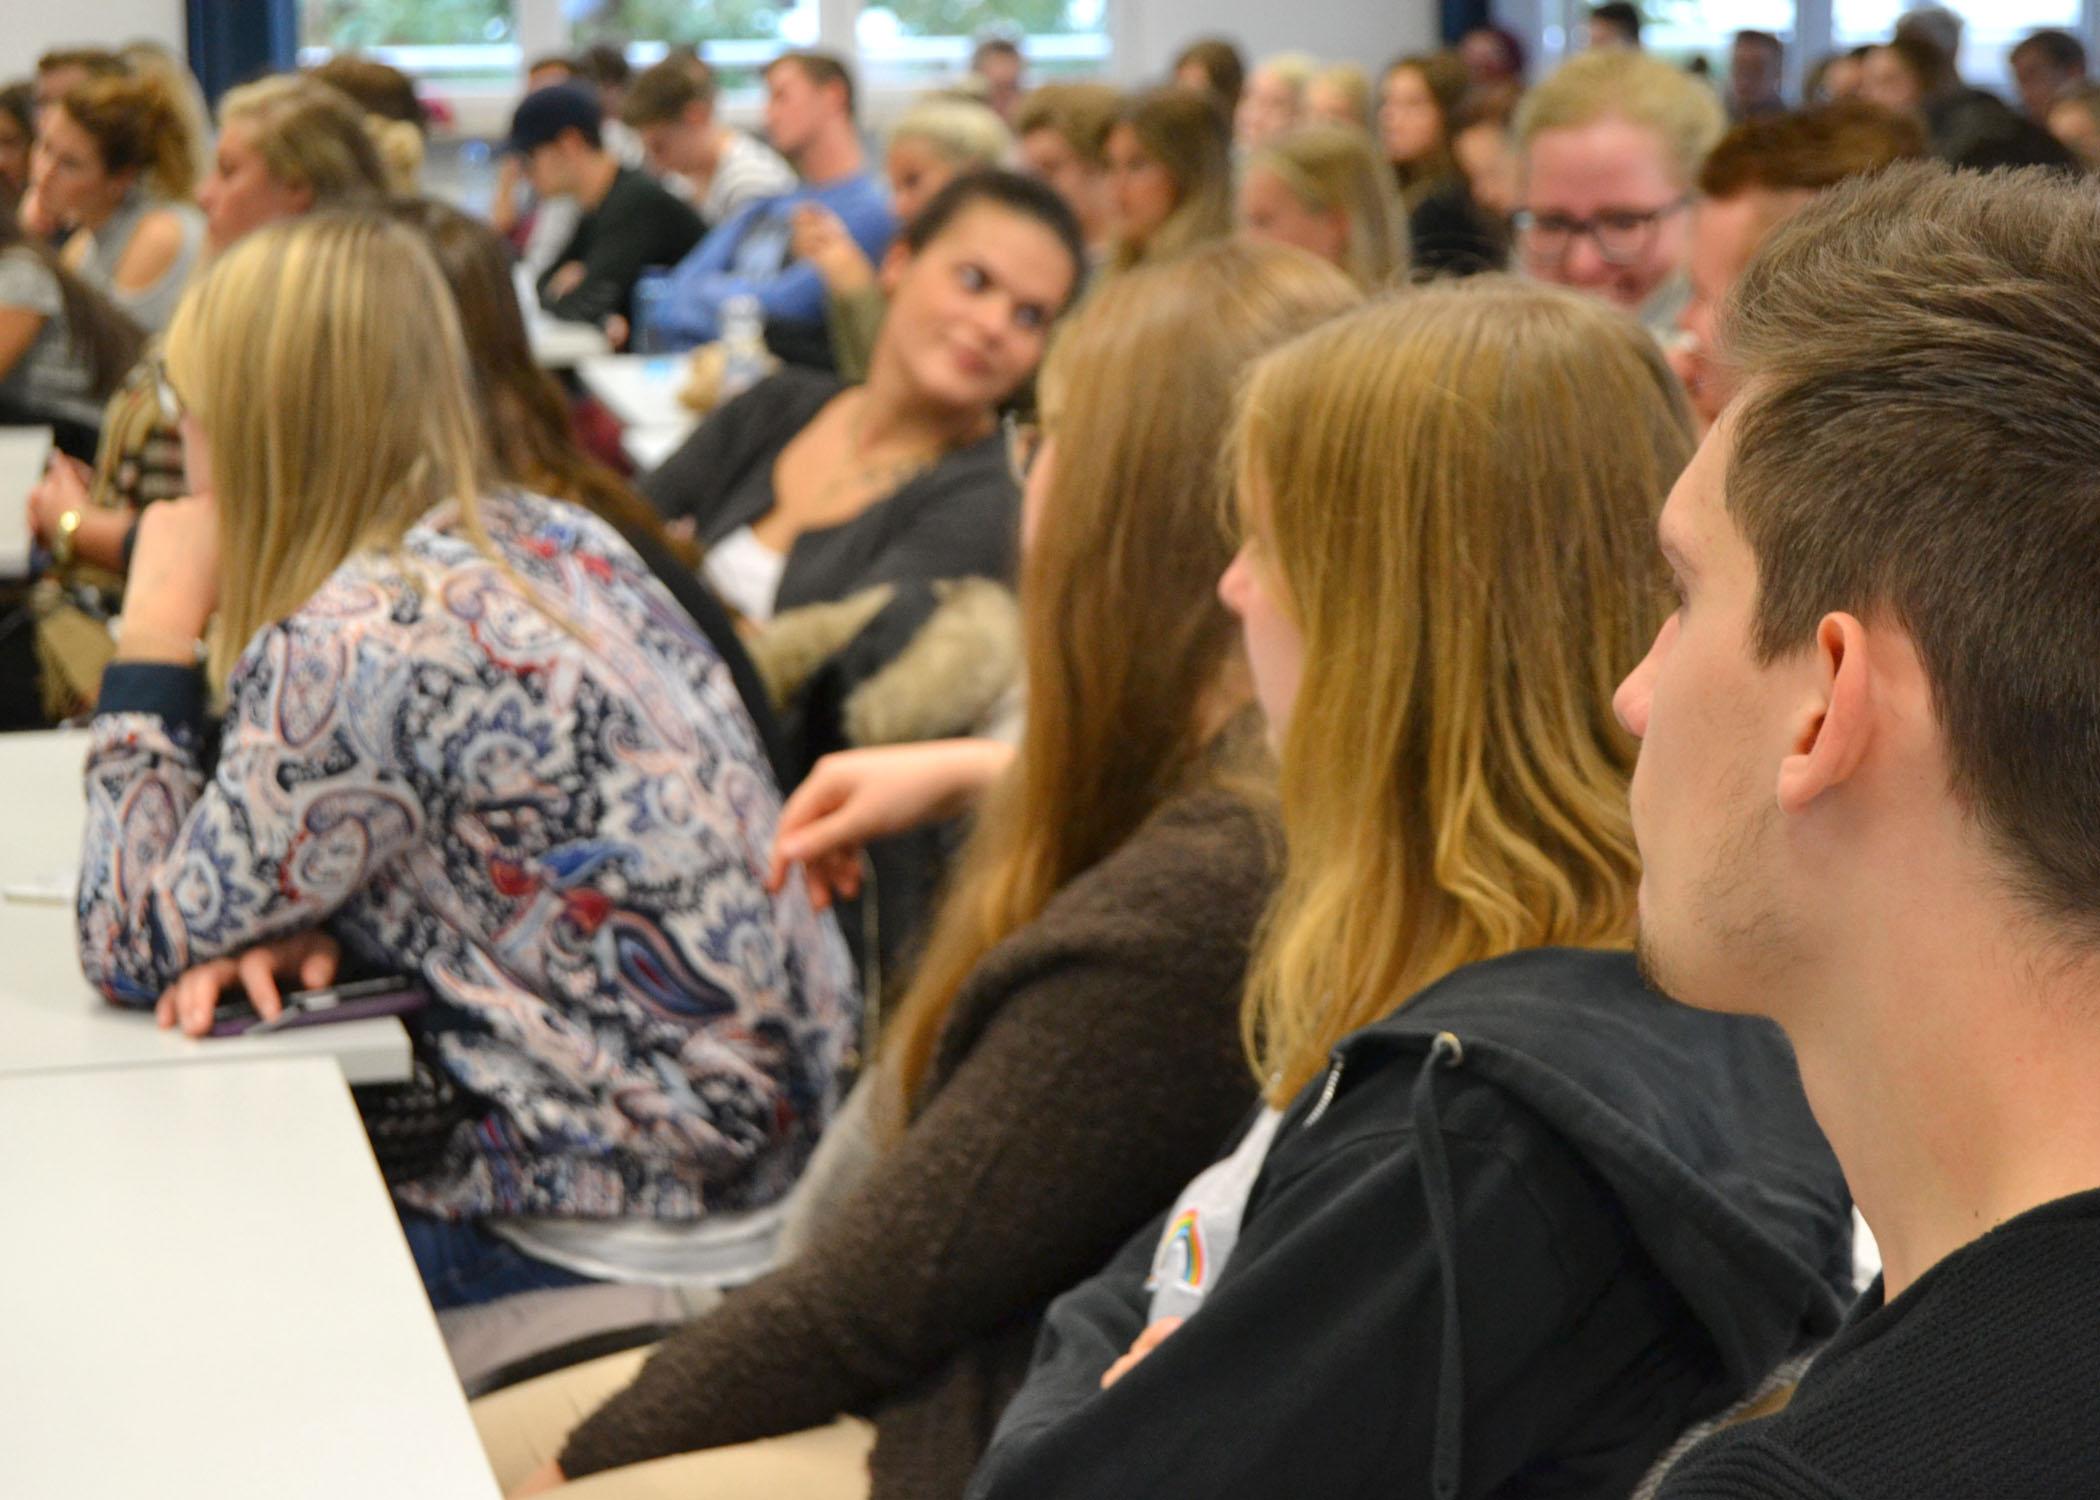 Das Publikum bestand zum größten Teil aus Studierenden des B.A. Journalismus und Unternehmenskommunikation.